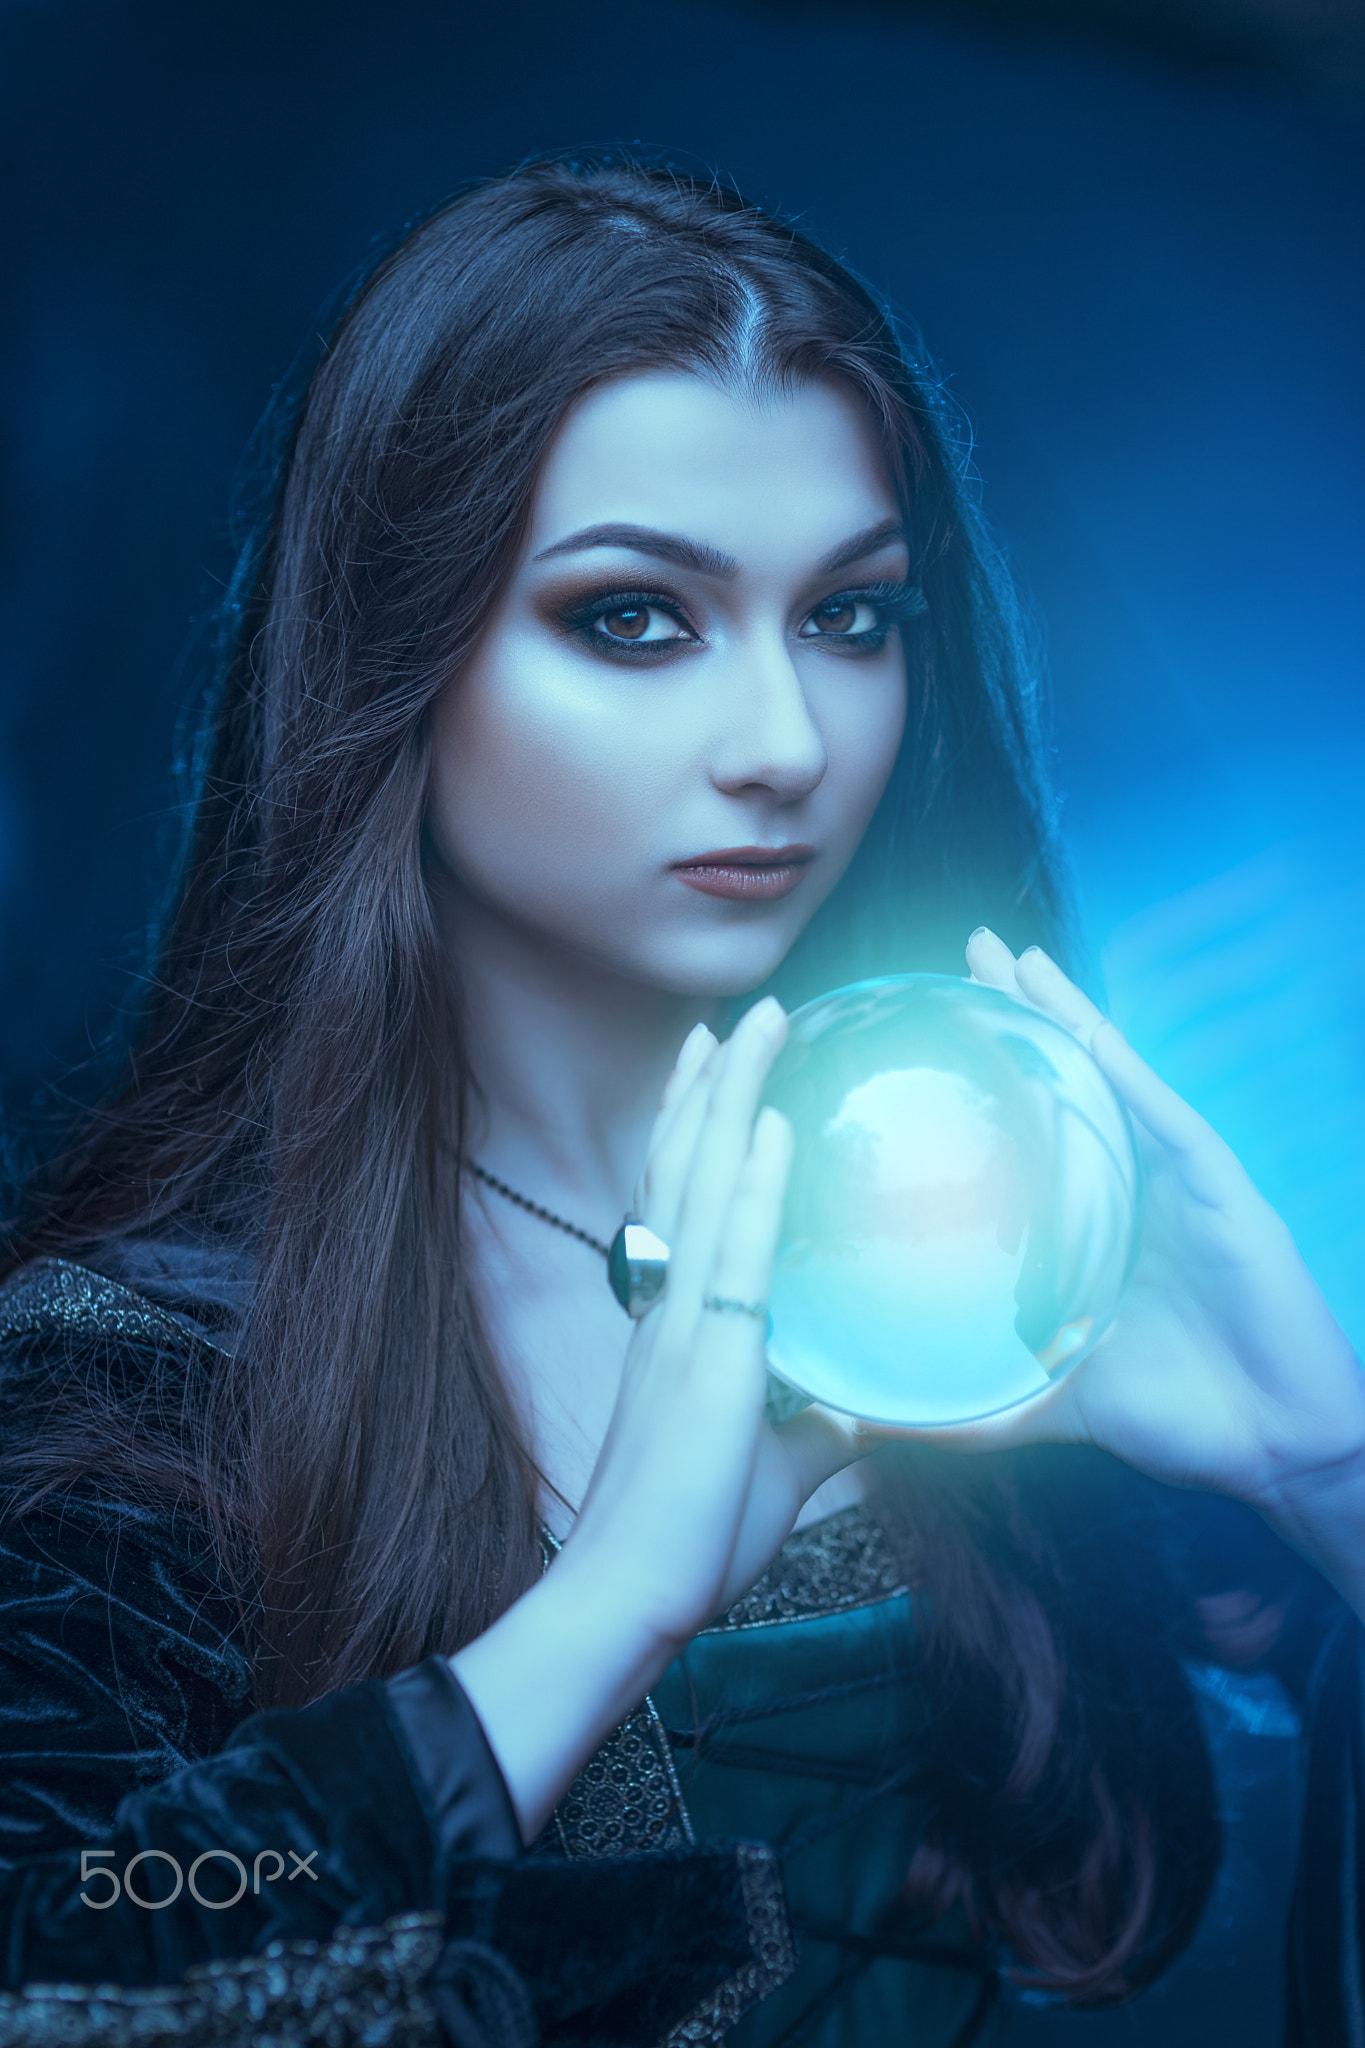 Wallpaper Magic 500px Fantasy Girl Women Blue Model